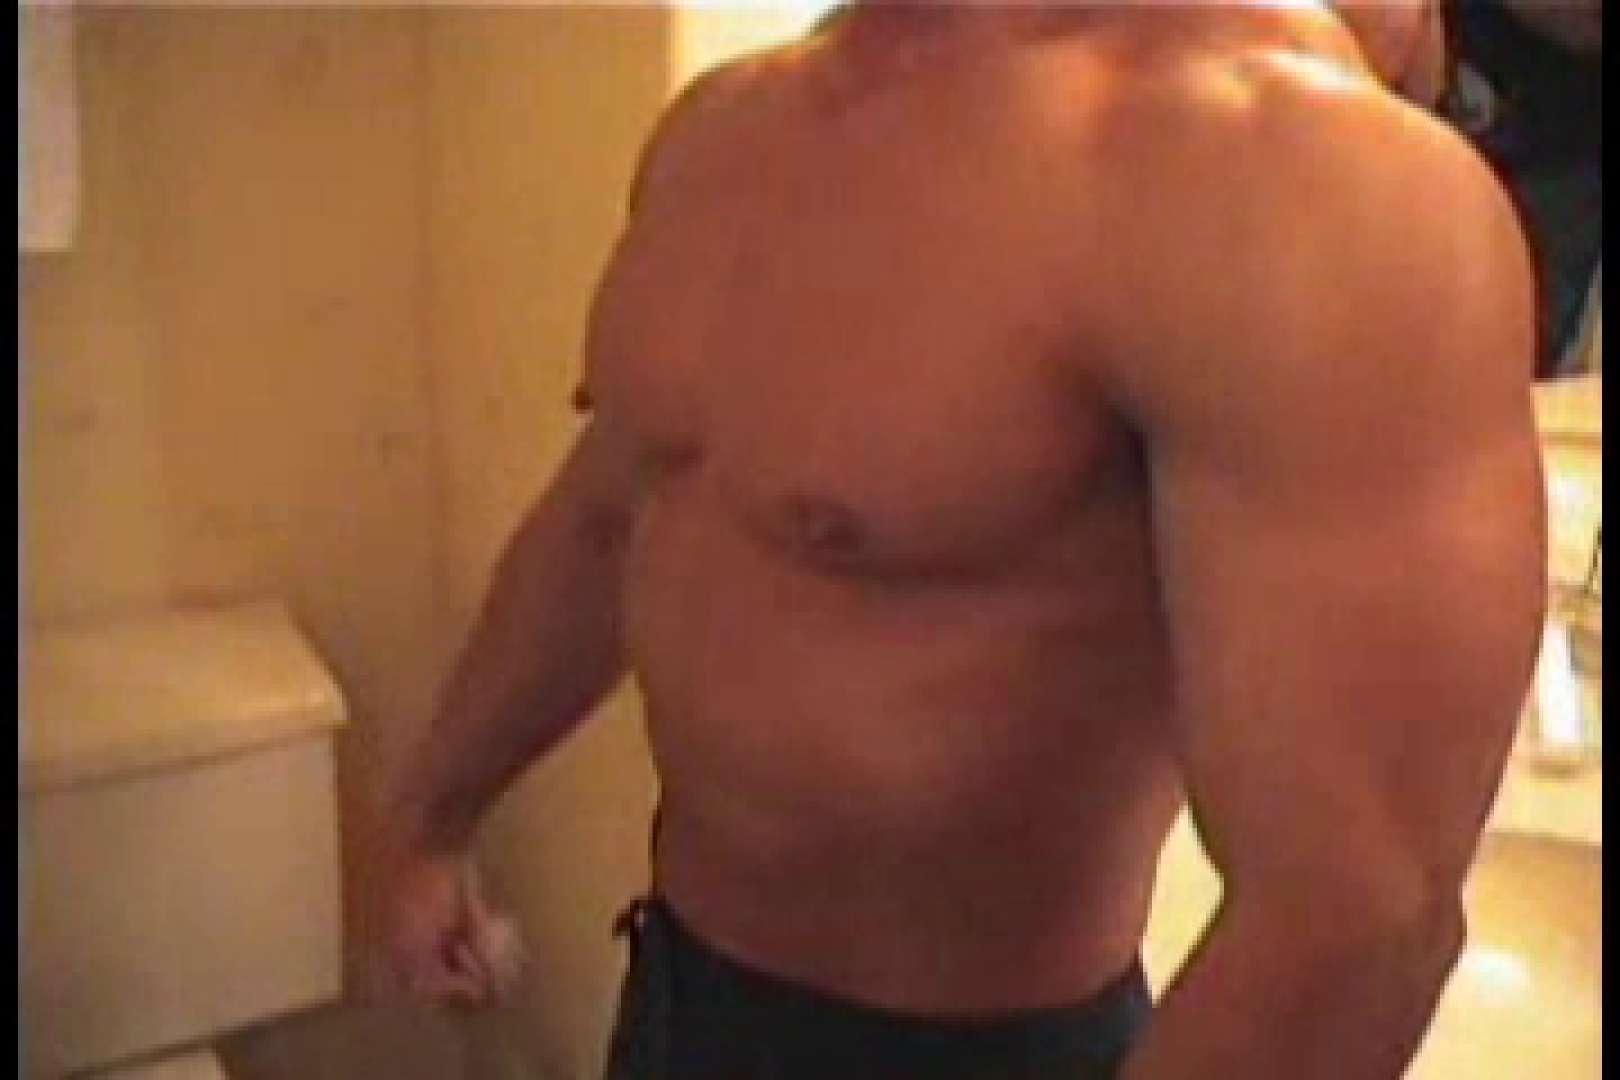 性器の味方ムキムキ覆面マッチョマン 男の世界   マッチョ  106画像 40